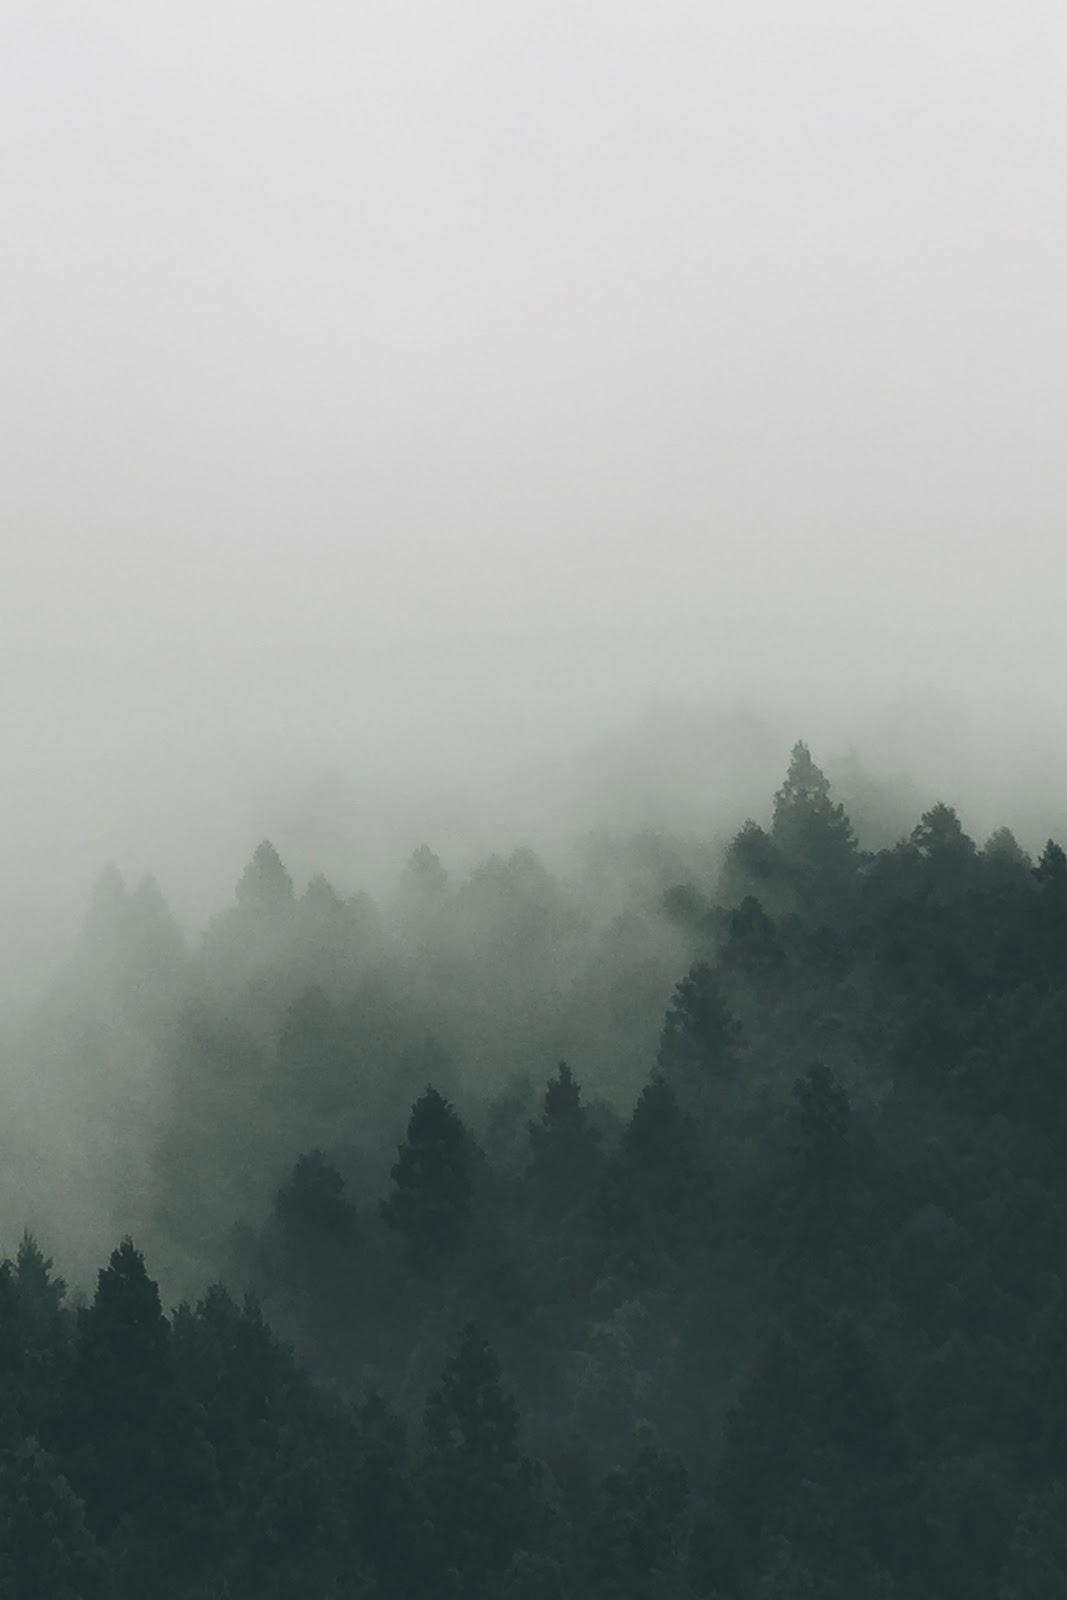 暗い森に白い霧